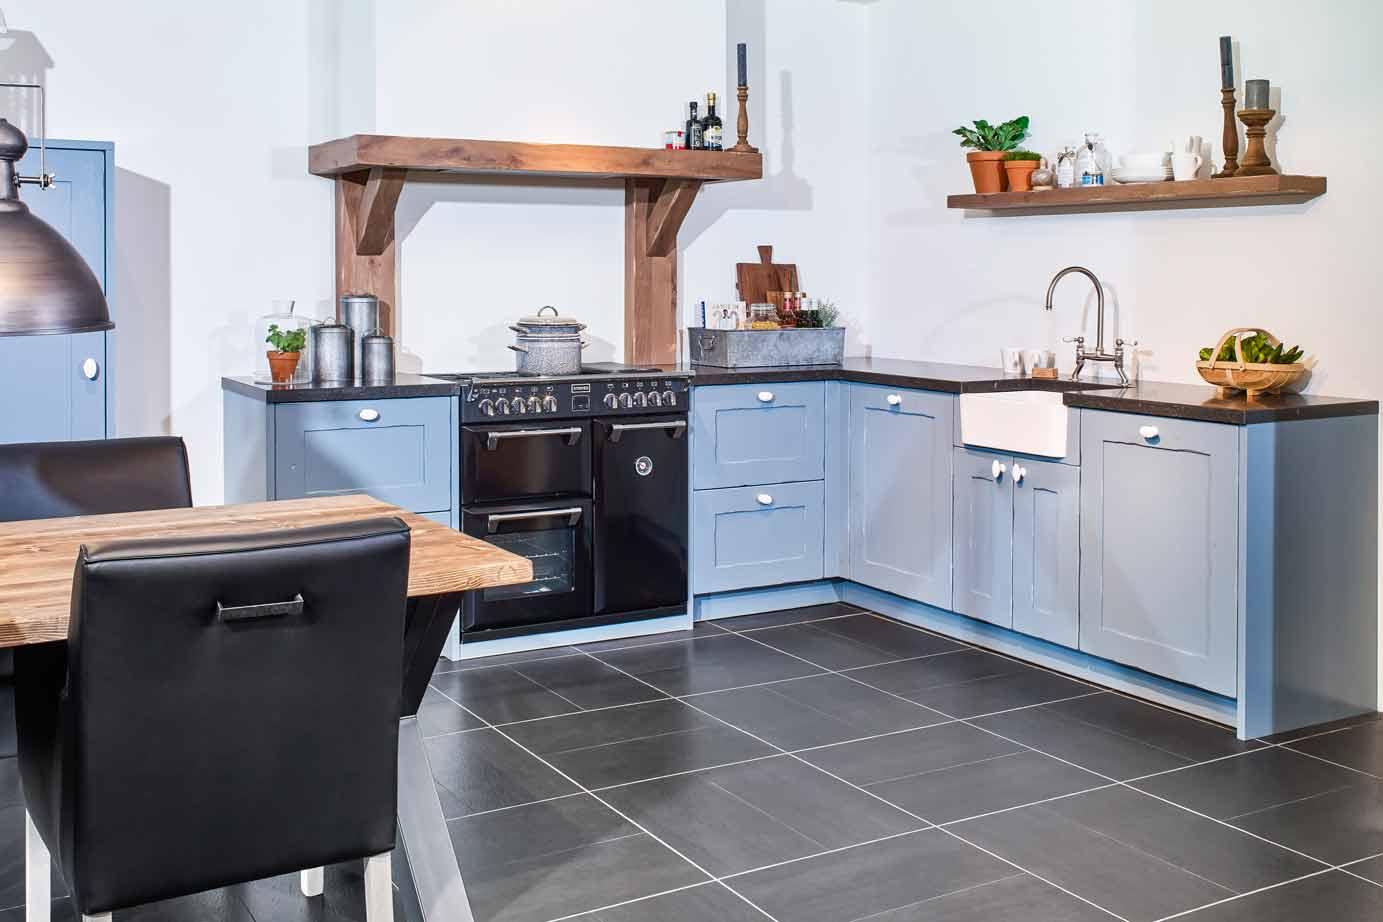 Moderne Blauw Keuken : Blauwe landelijke keuken handgemaakt bekijk foto s db keukens